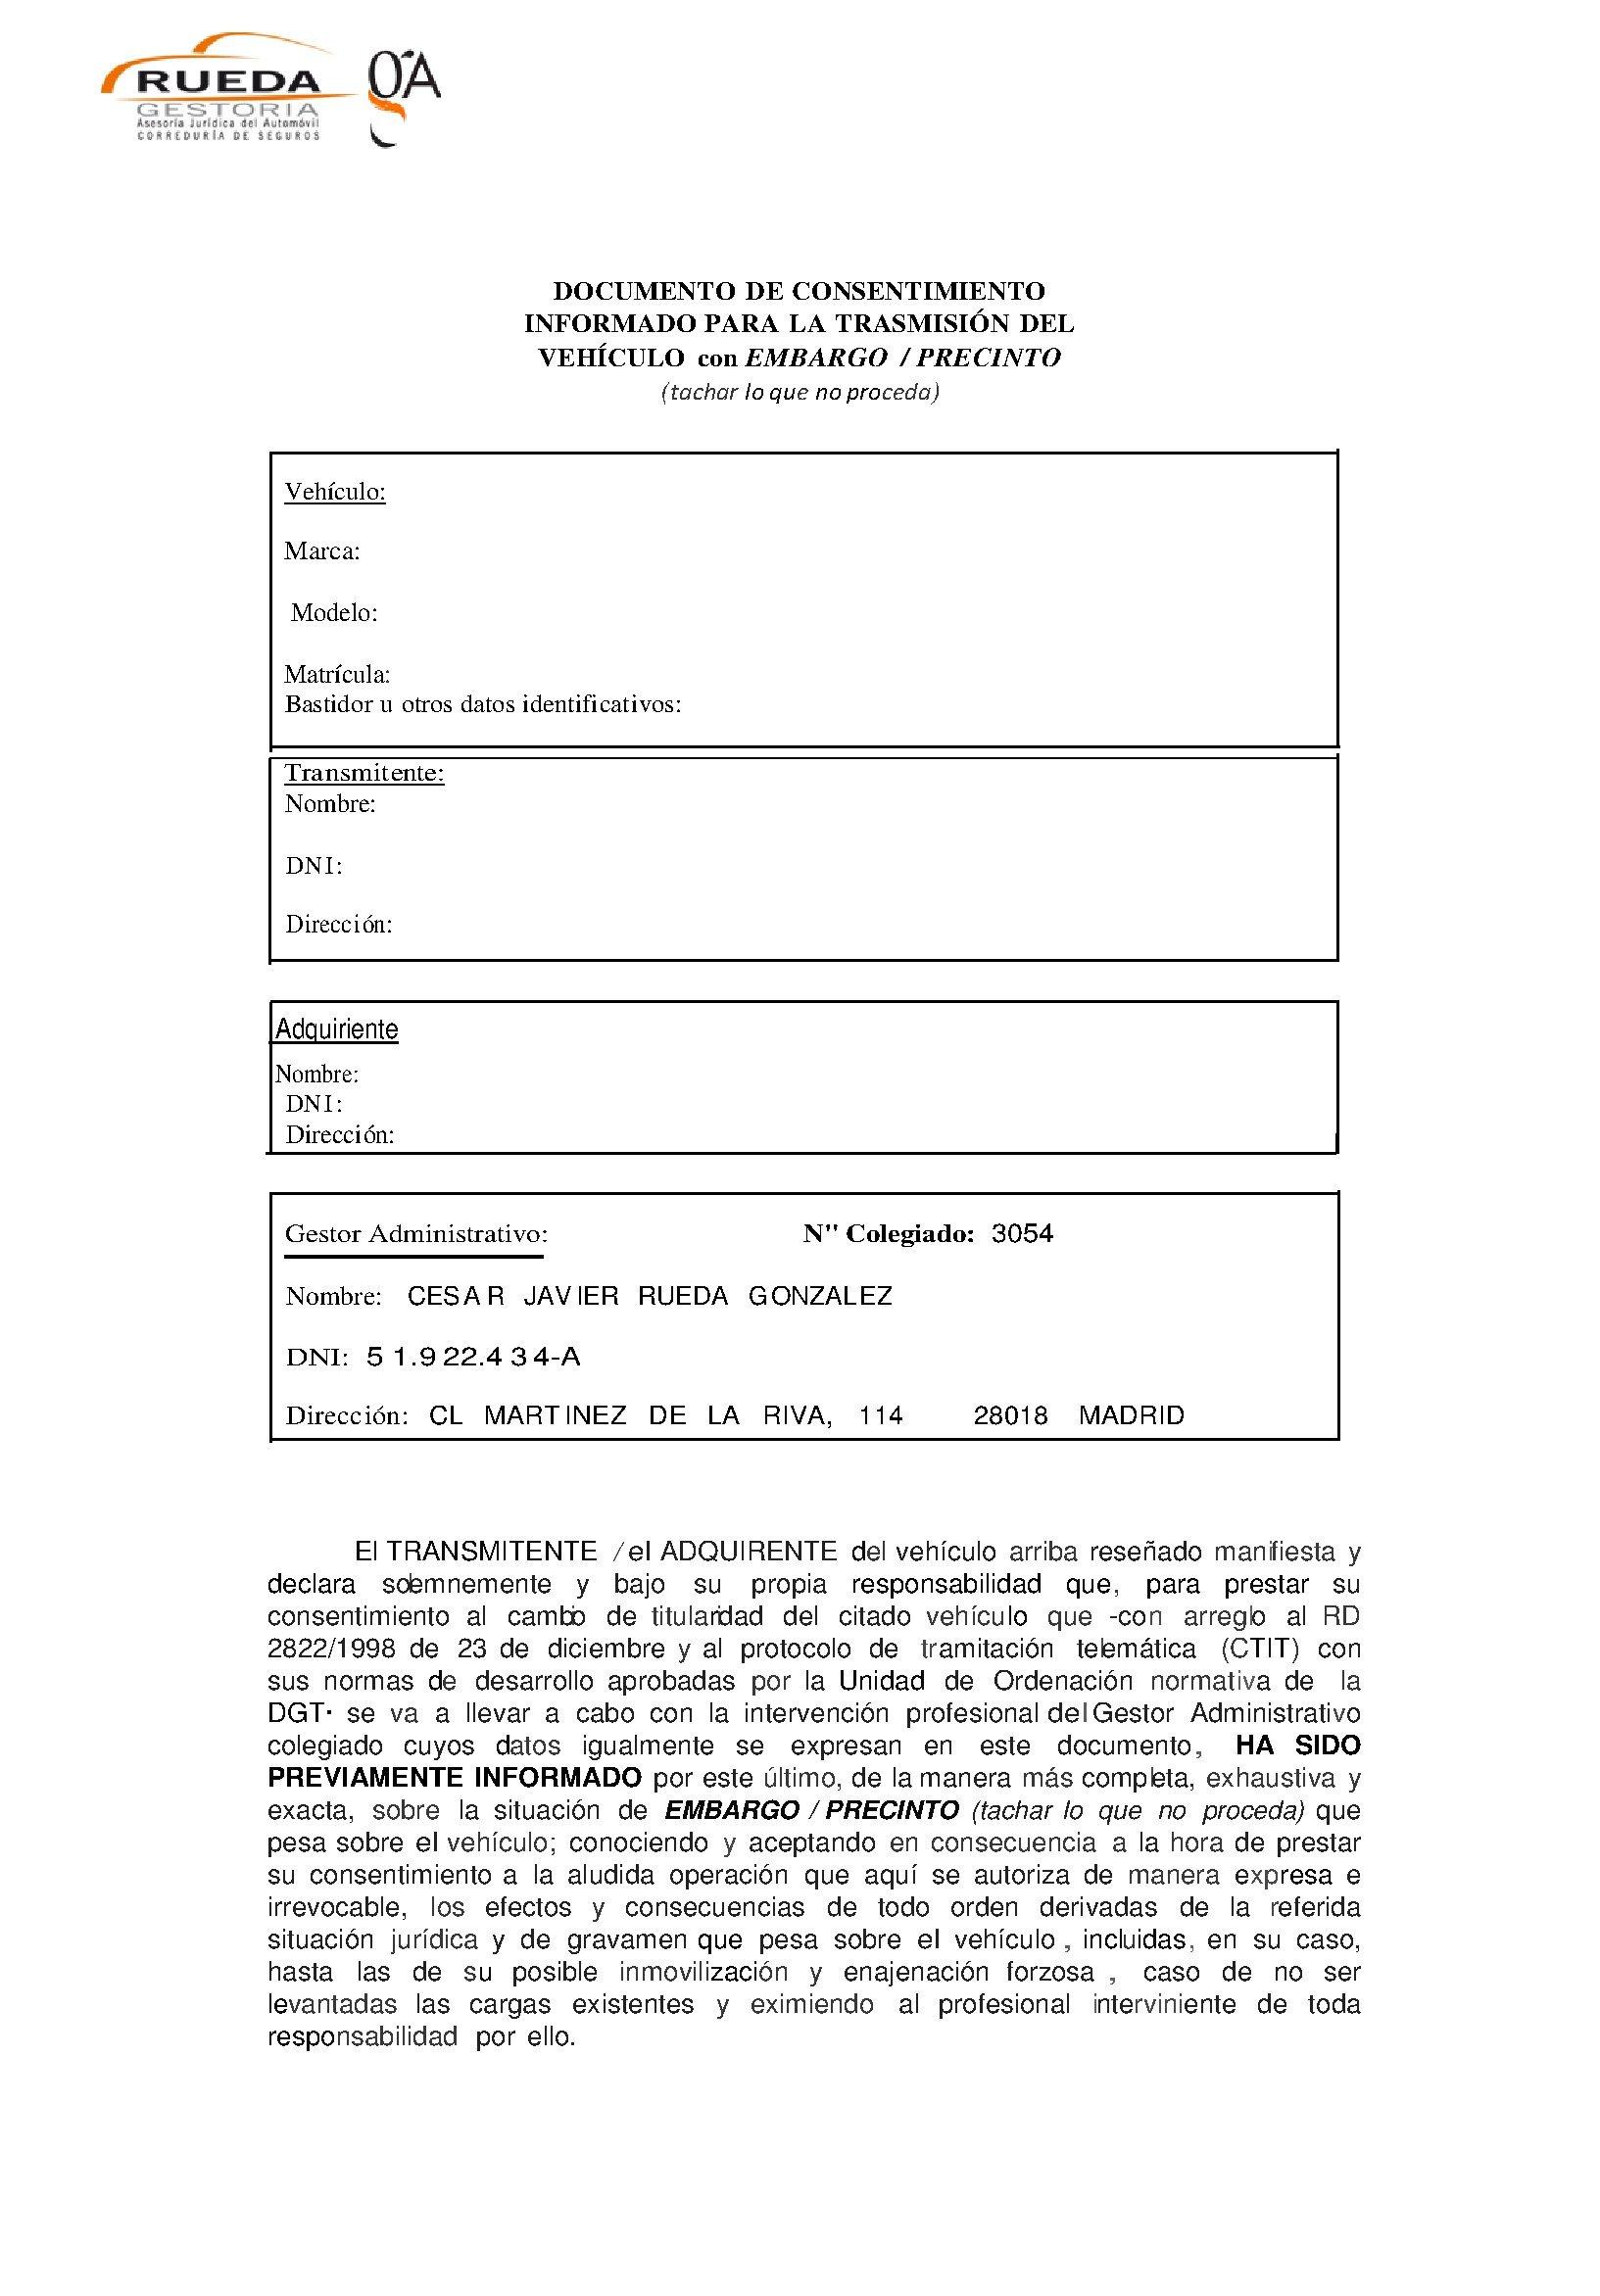 consentimiento-informado-1_000 transferencia de vehículos